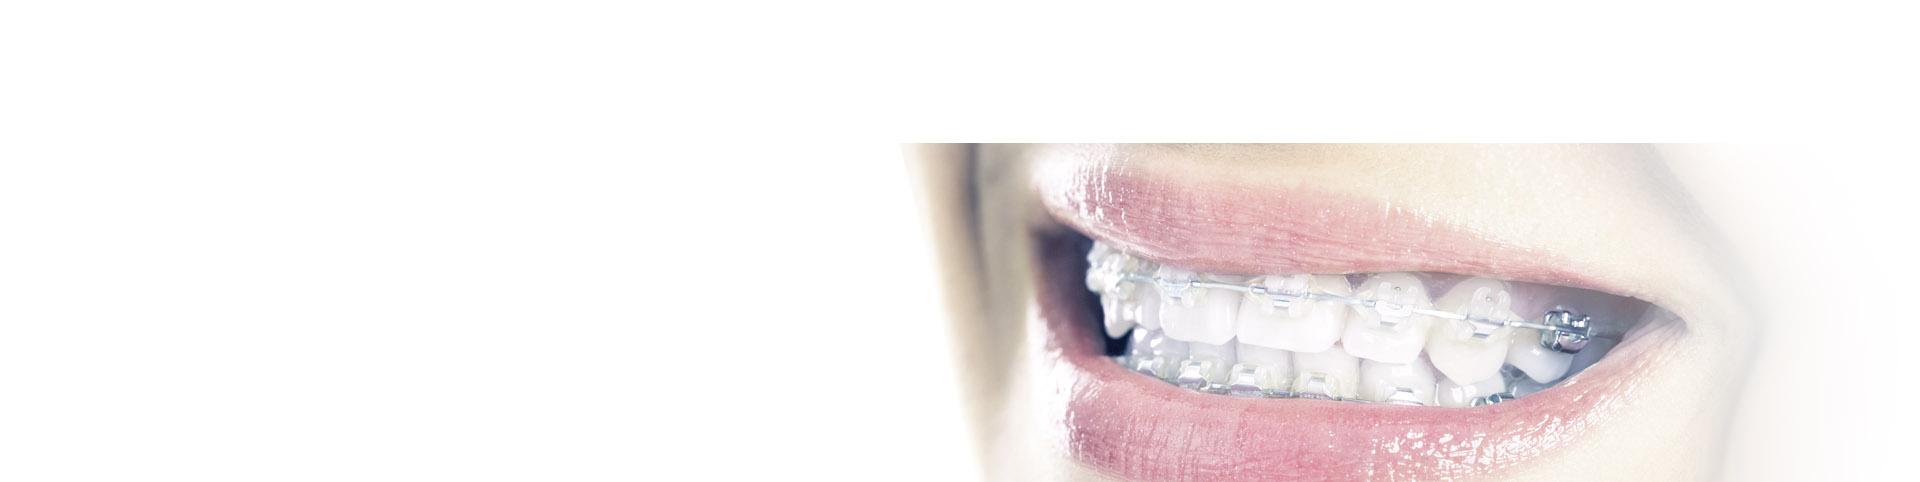 ortodoncia-n